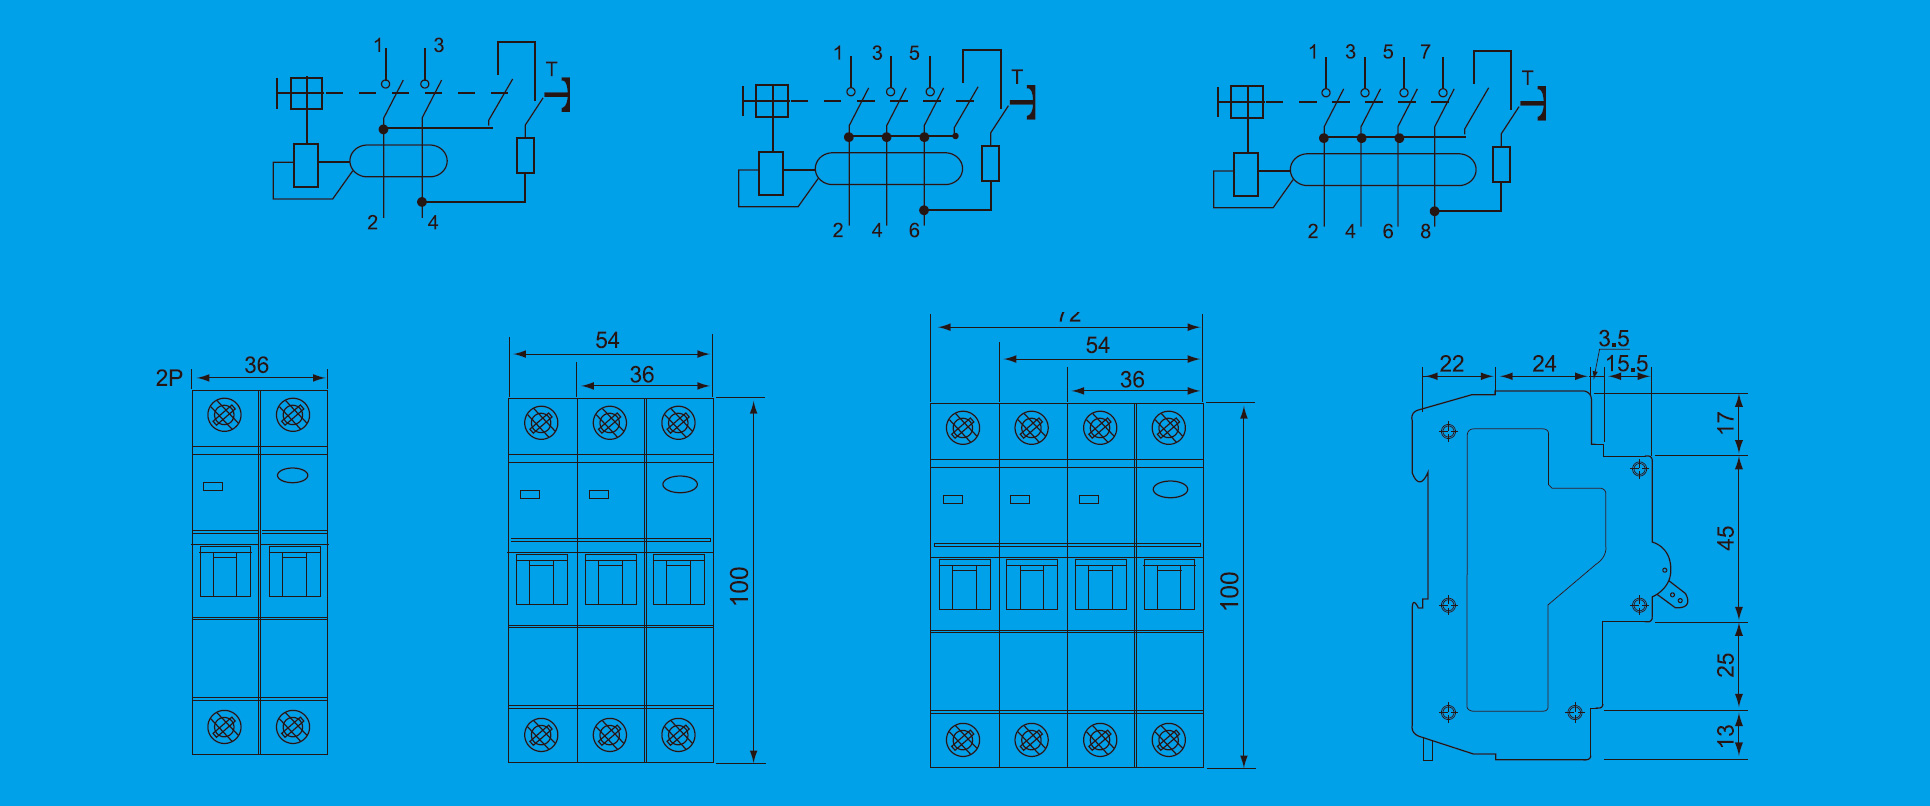 3 Phase Earth Leakage Circuit Breakers Taixi Electric Breaker Wiring Diagram Keywords